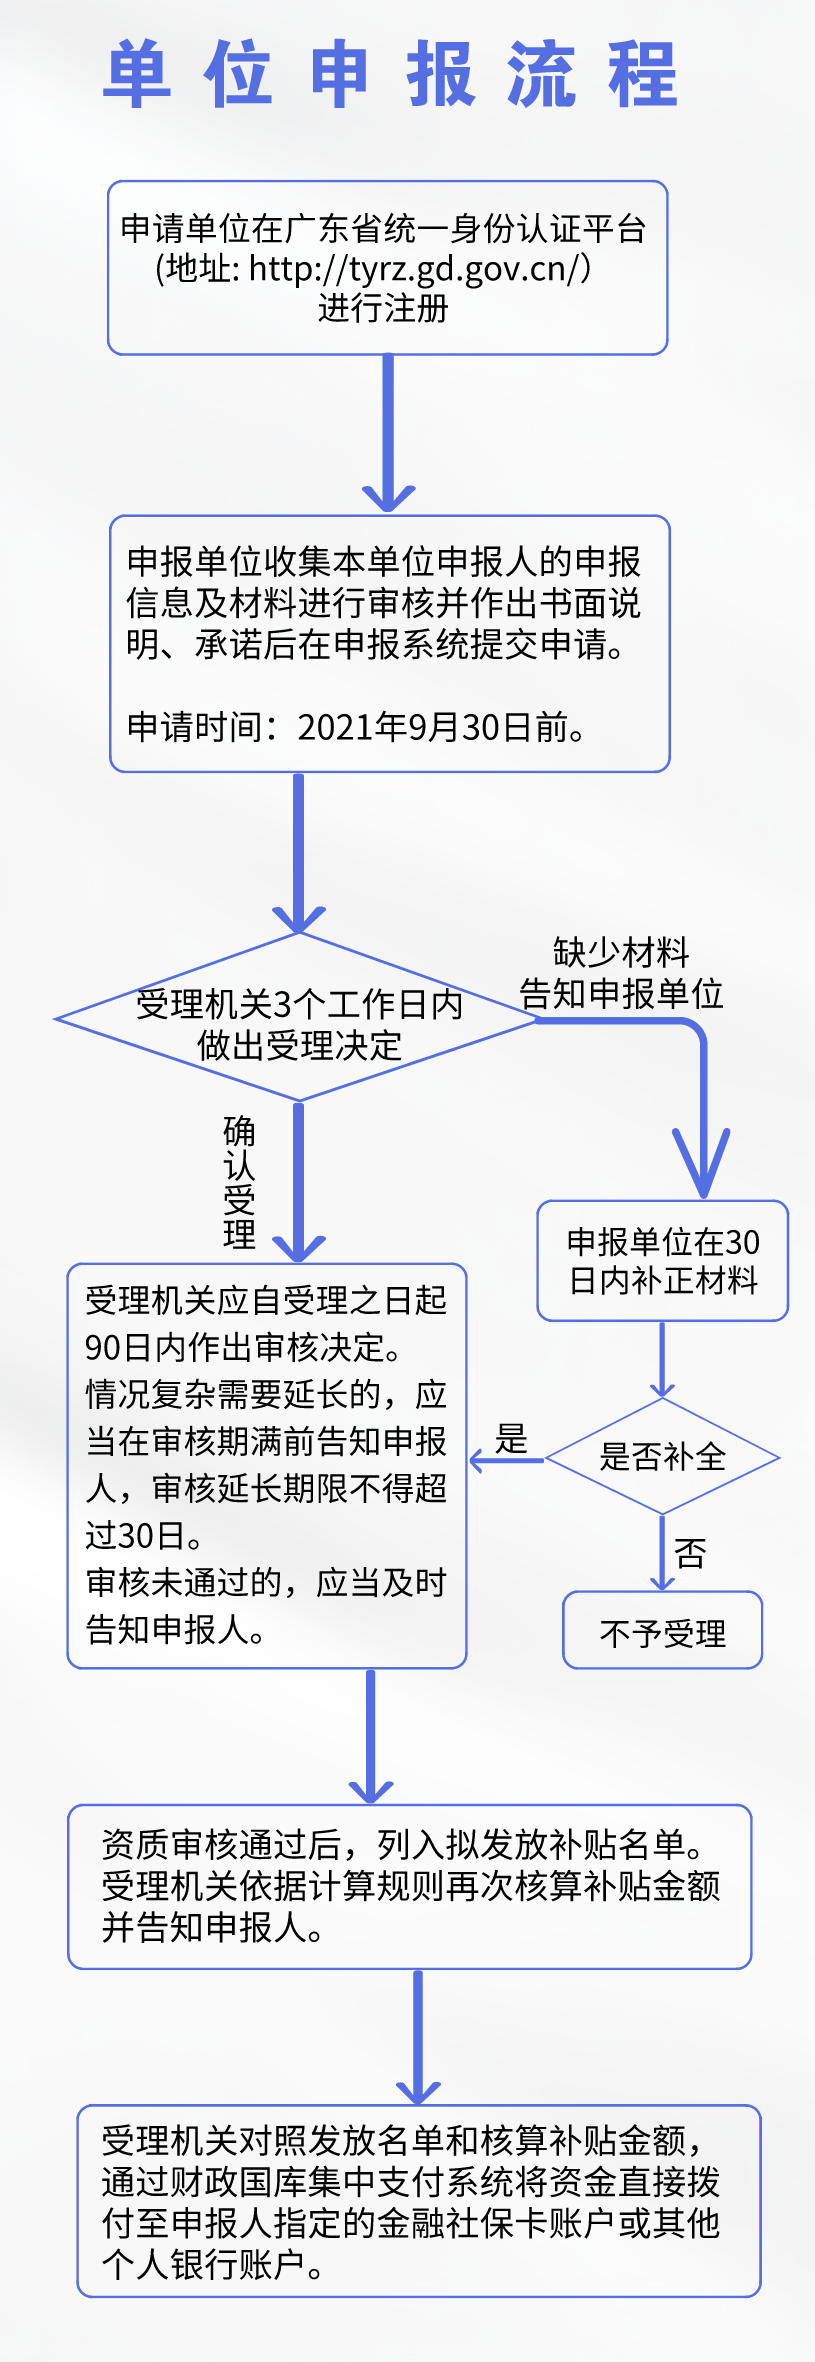 默认标题_自定义px_2021-08-11-0(1).png